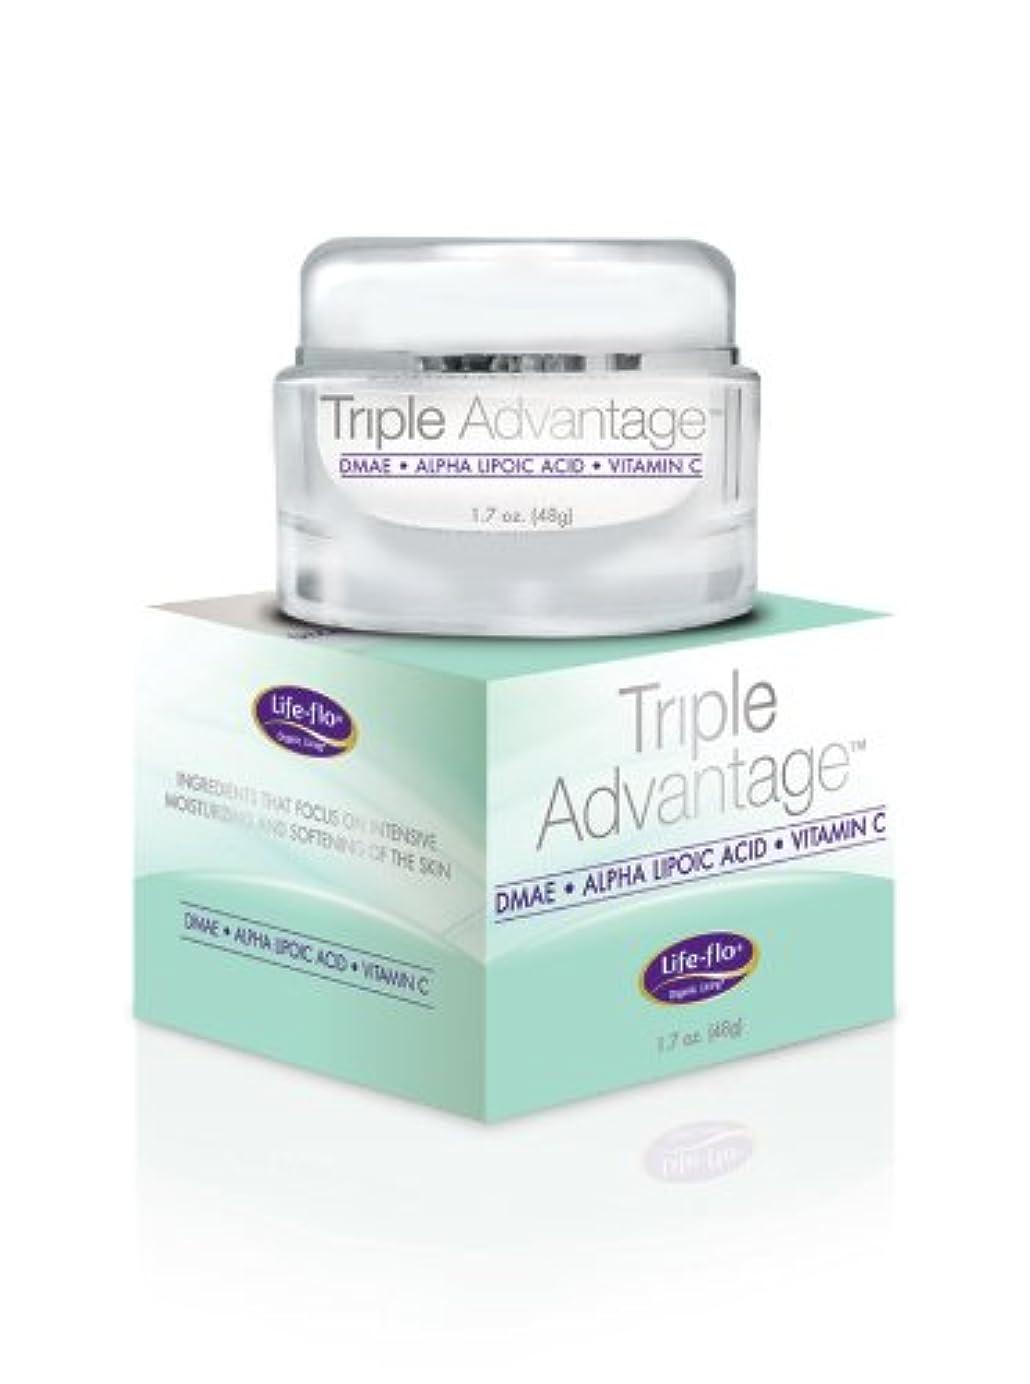 削除する繊維預言者海外直送品 Life-Flo Triple Advantage Cream, 1.7 OZ